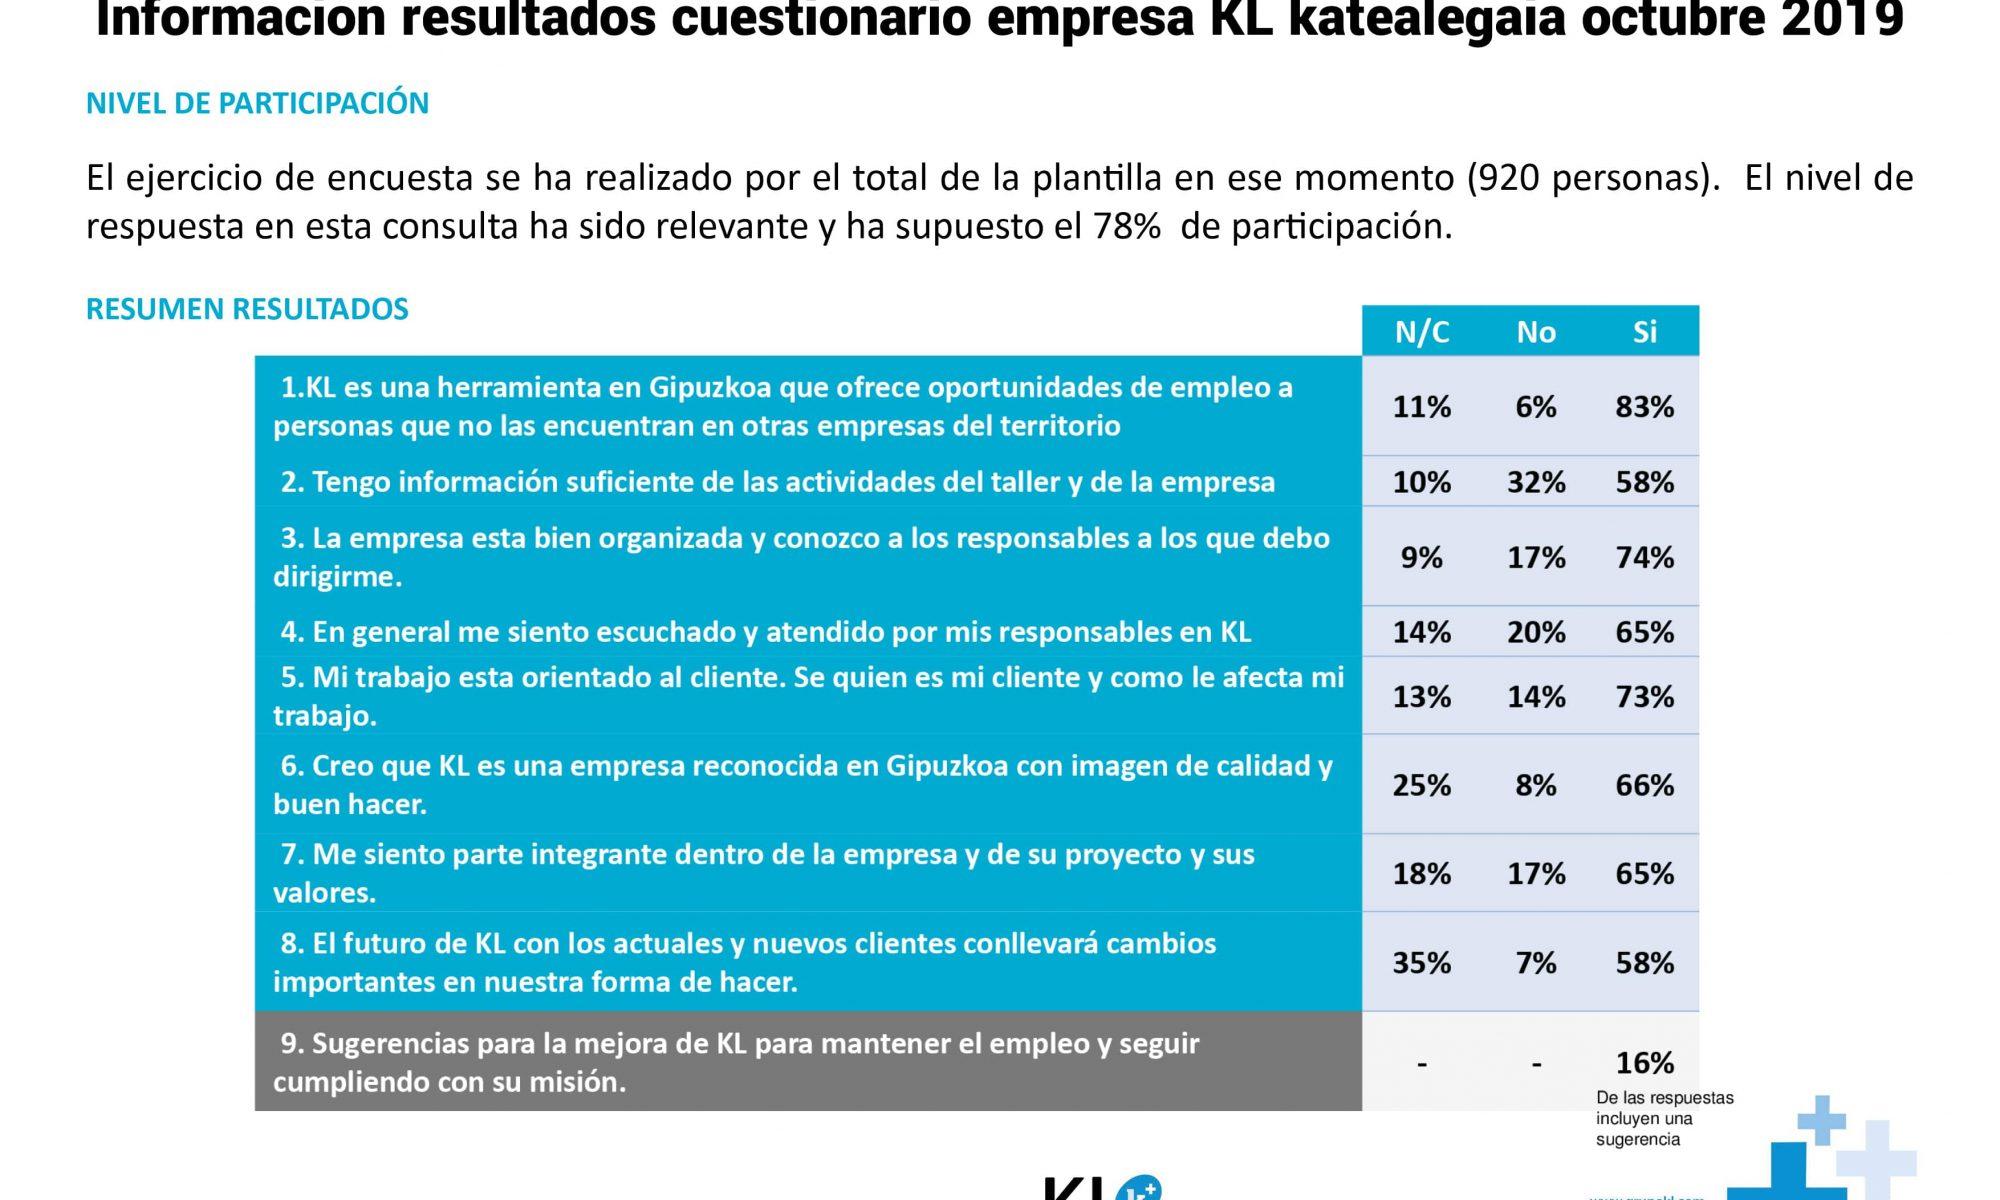 Se editan los resultados del cuestionario de empresa KL katealegaia